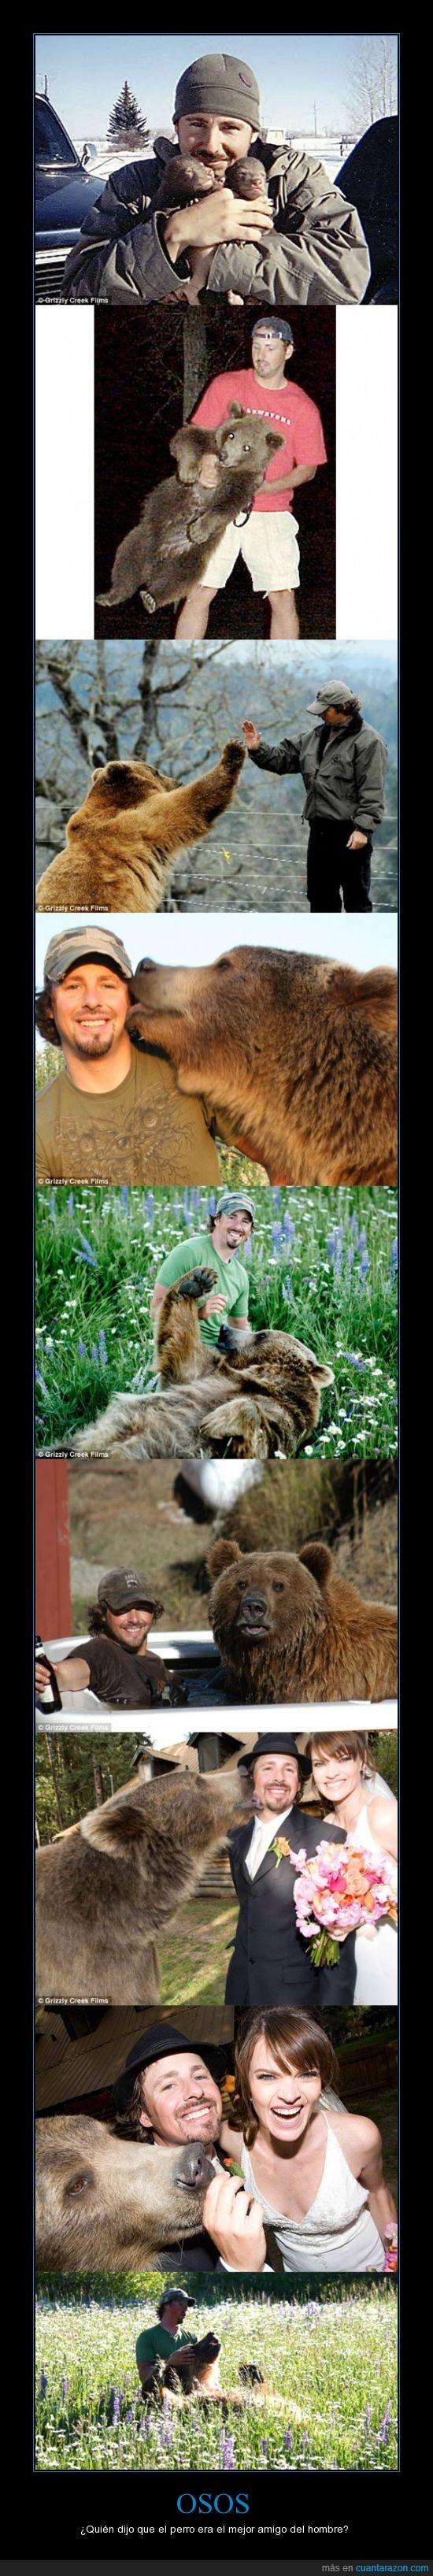 amigo,hombre,oso